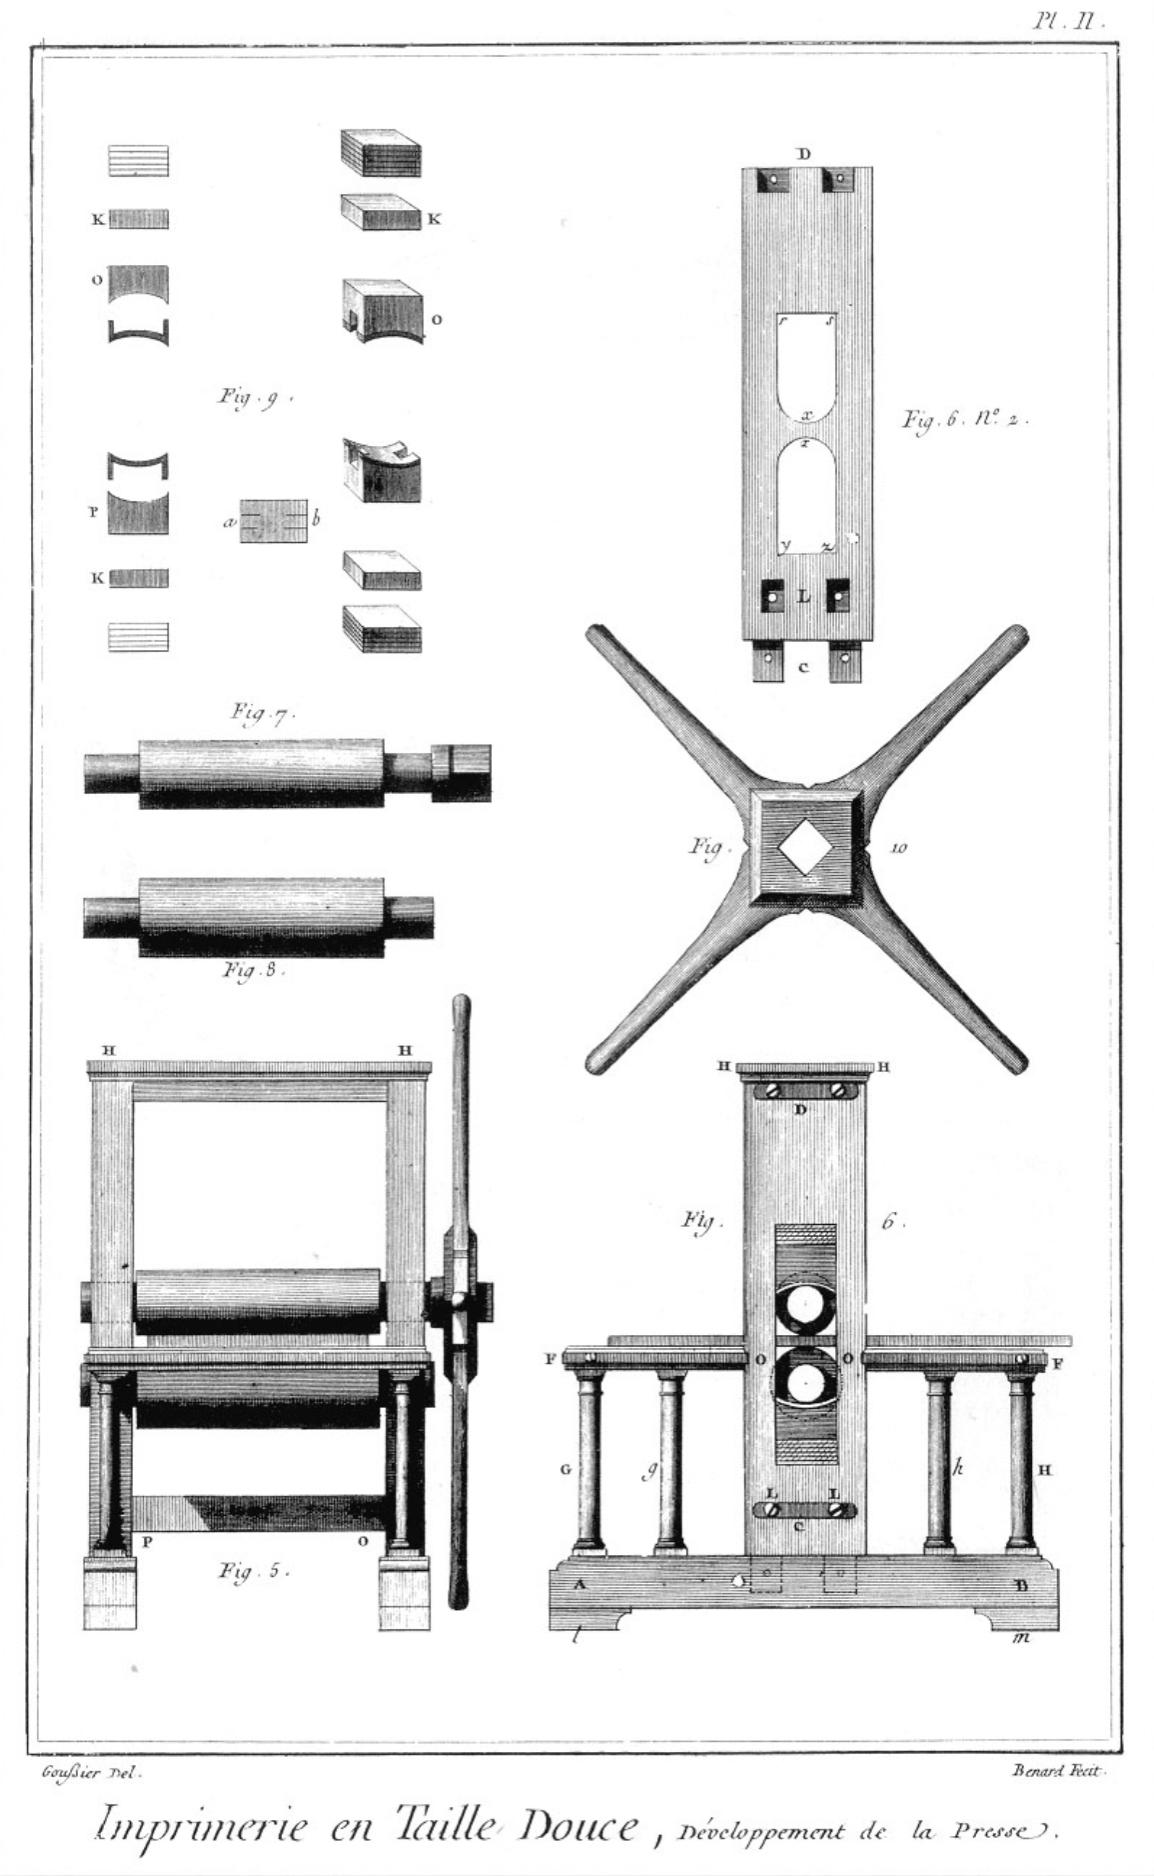 «Imprimerie en taille-douce», gravure de Louis-Jacques Goussier et Robert Benard, sixième volume des planches de l'Encyclopédie, Paris, 1768, planche II